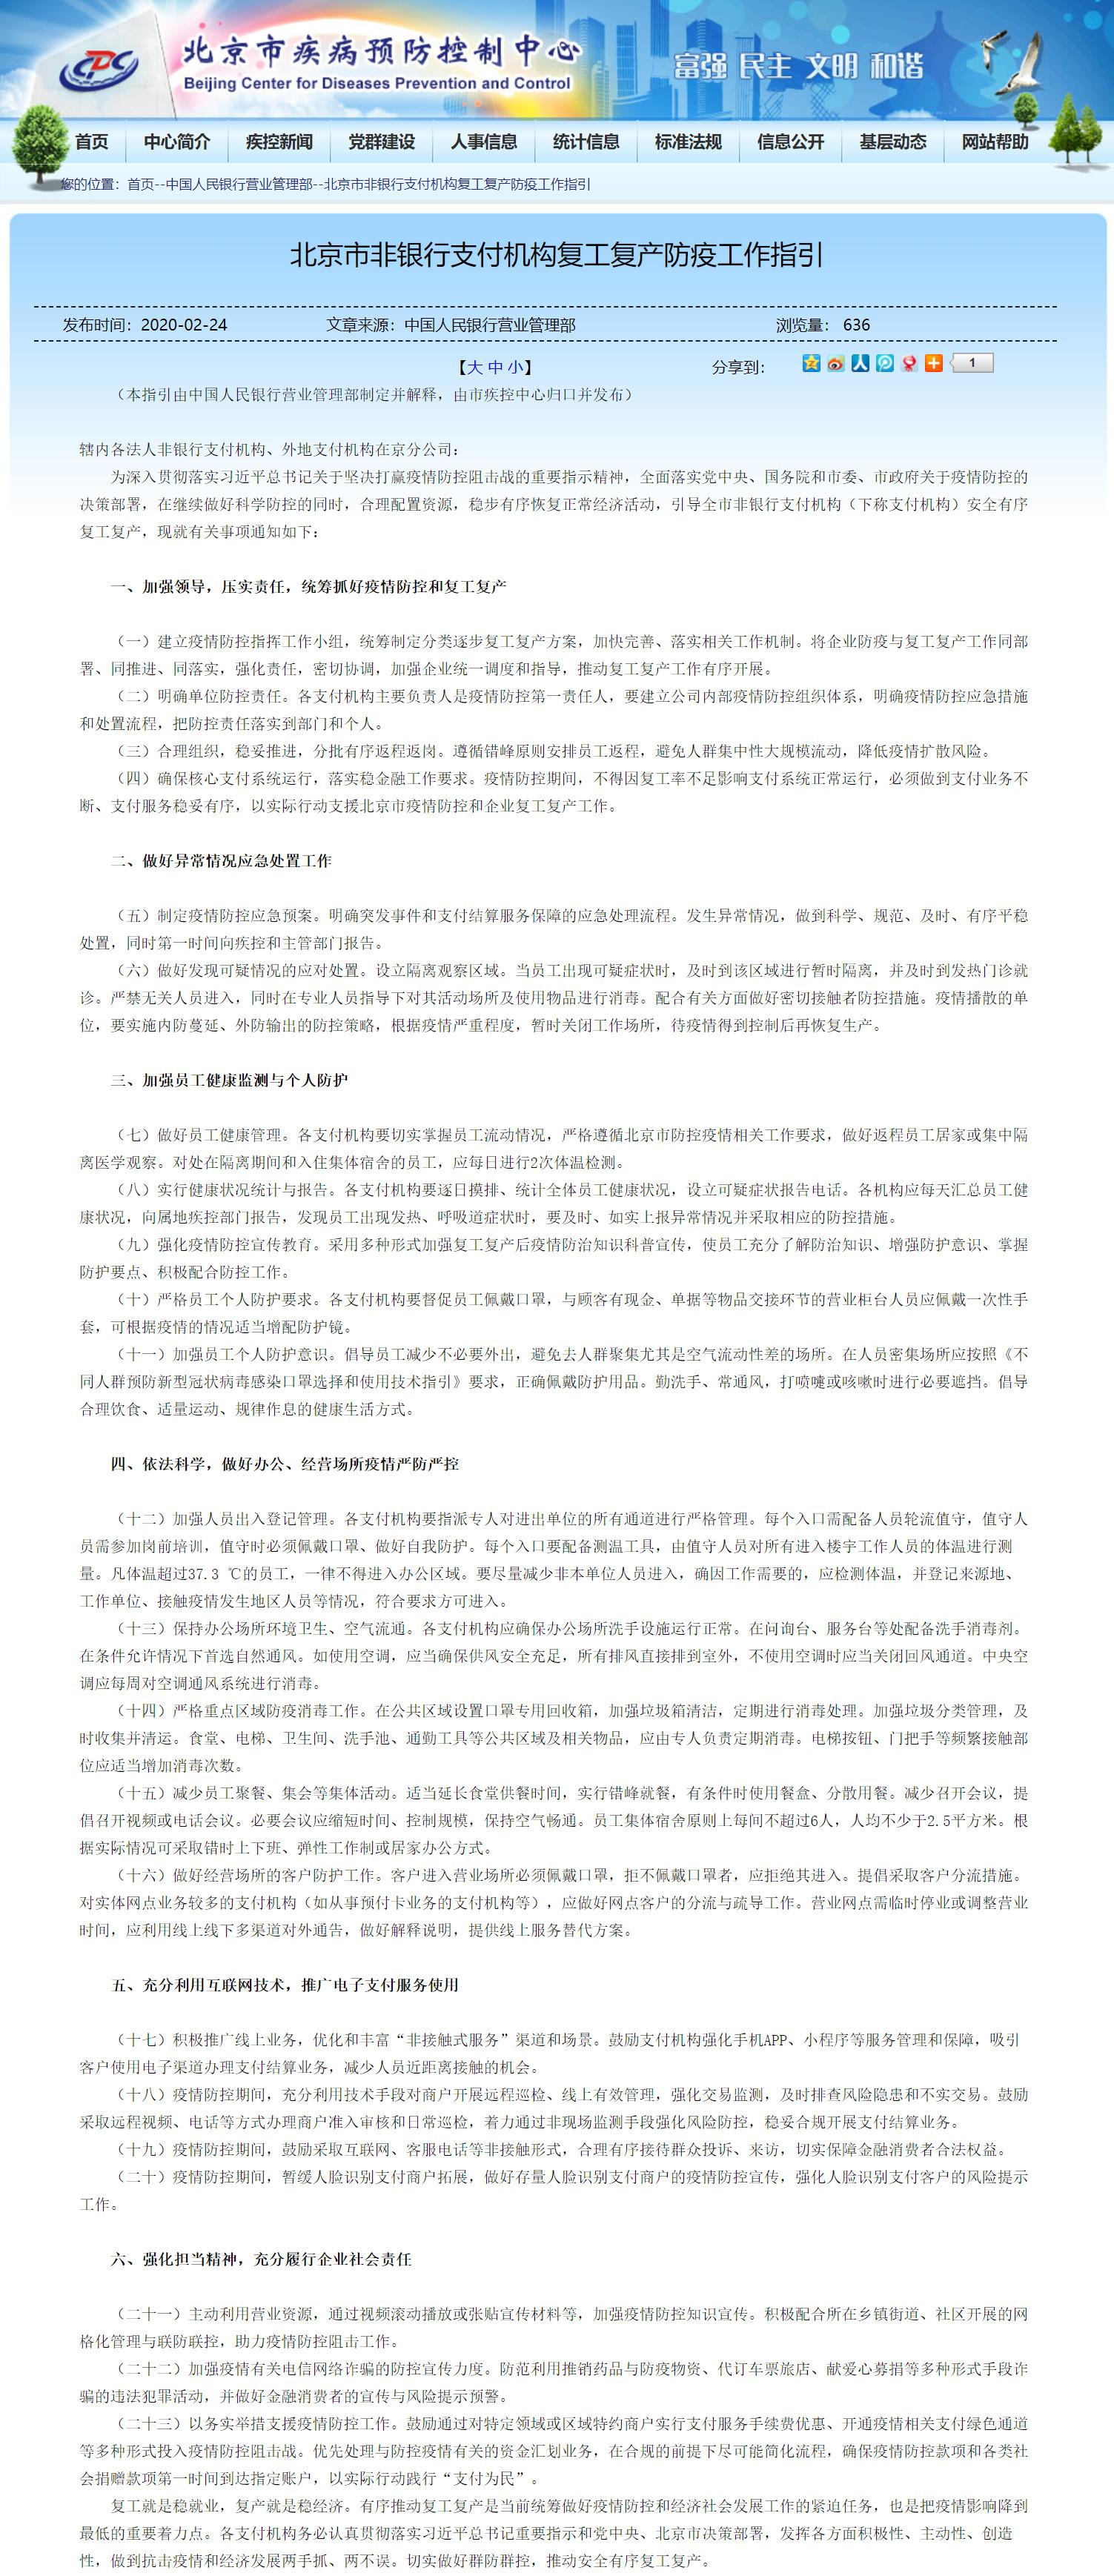 央行营管部发北京市支付机构复工防疫指引,推广电子支付服务使用